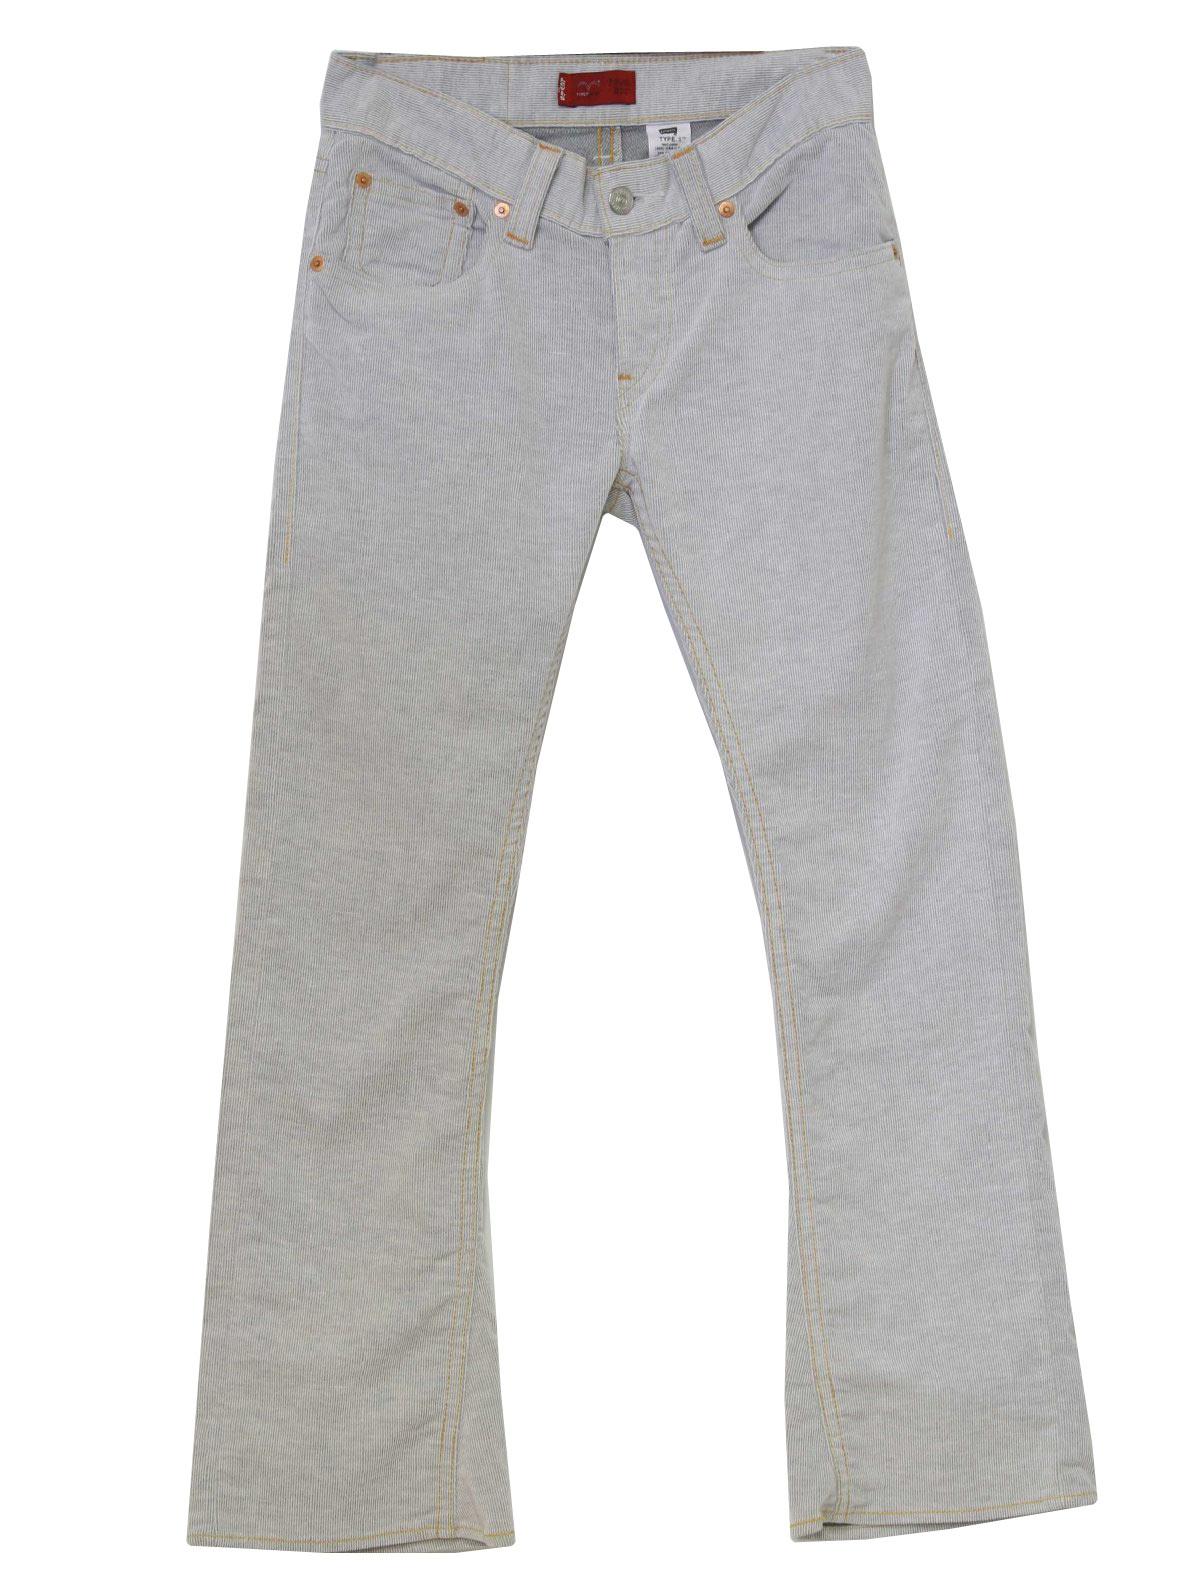 Вельветовые джинсы женские с доставкой